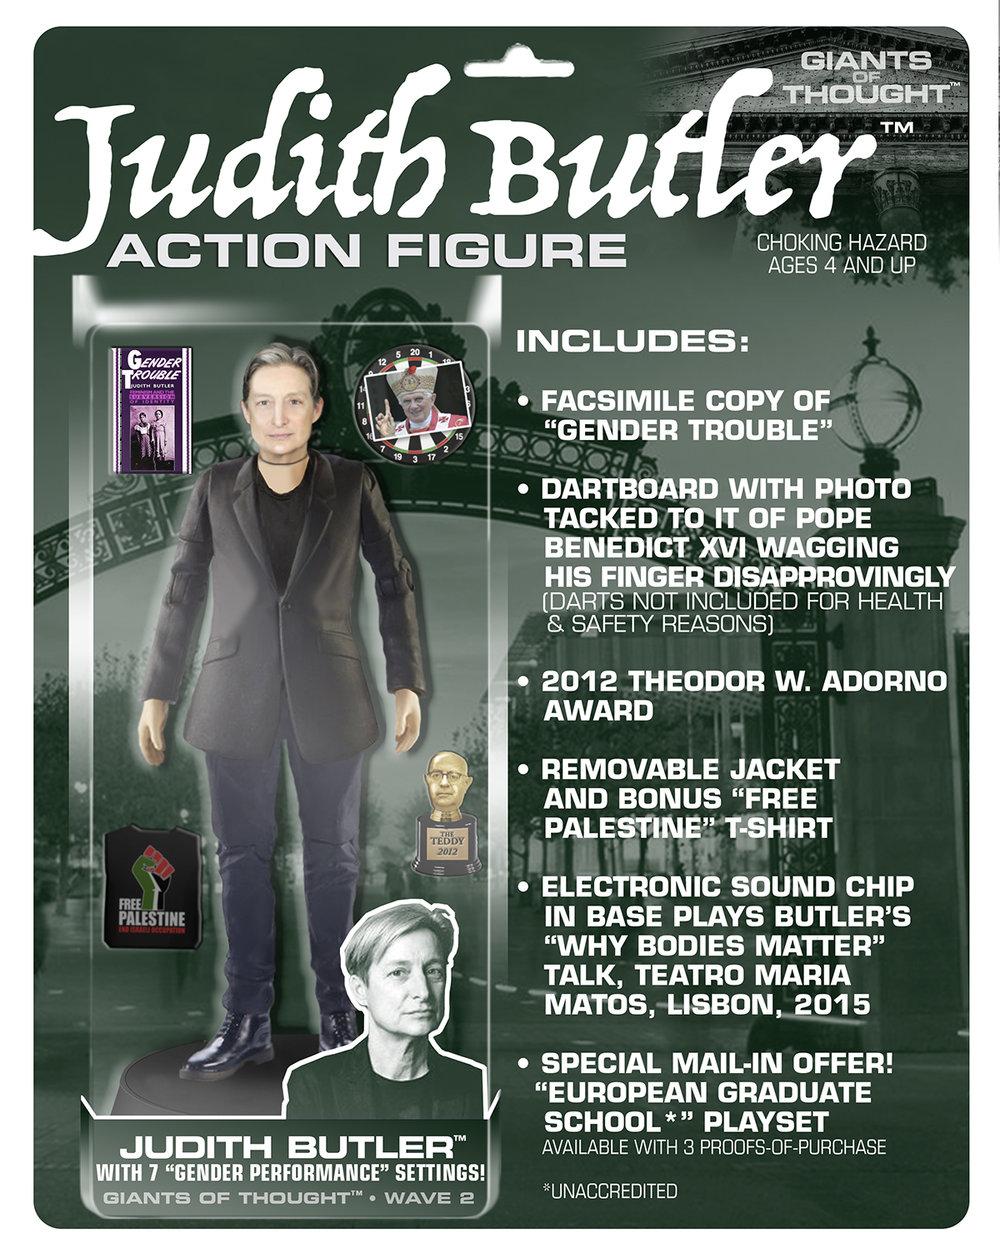 JudithButler-1.jpg